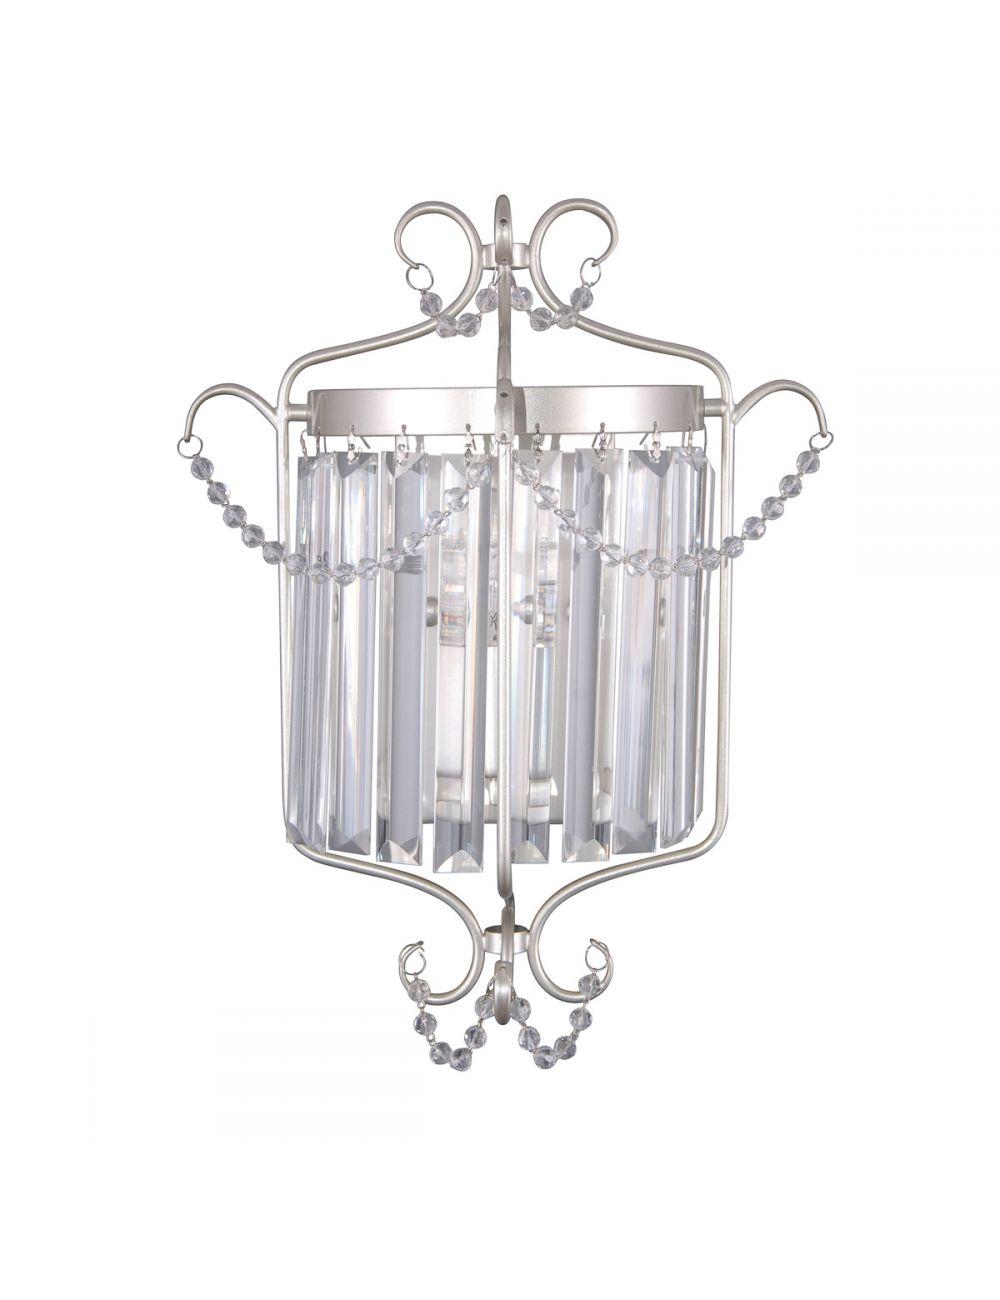 Kinkiet ścienny kryształowy glamour Rinaldo Italux WL-33057-1-CH.S